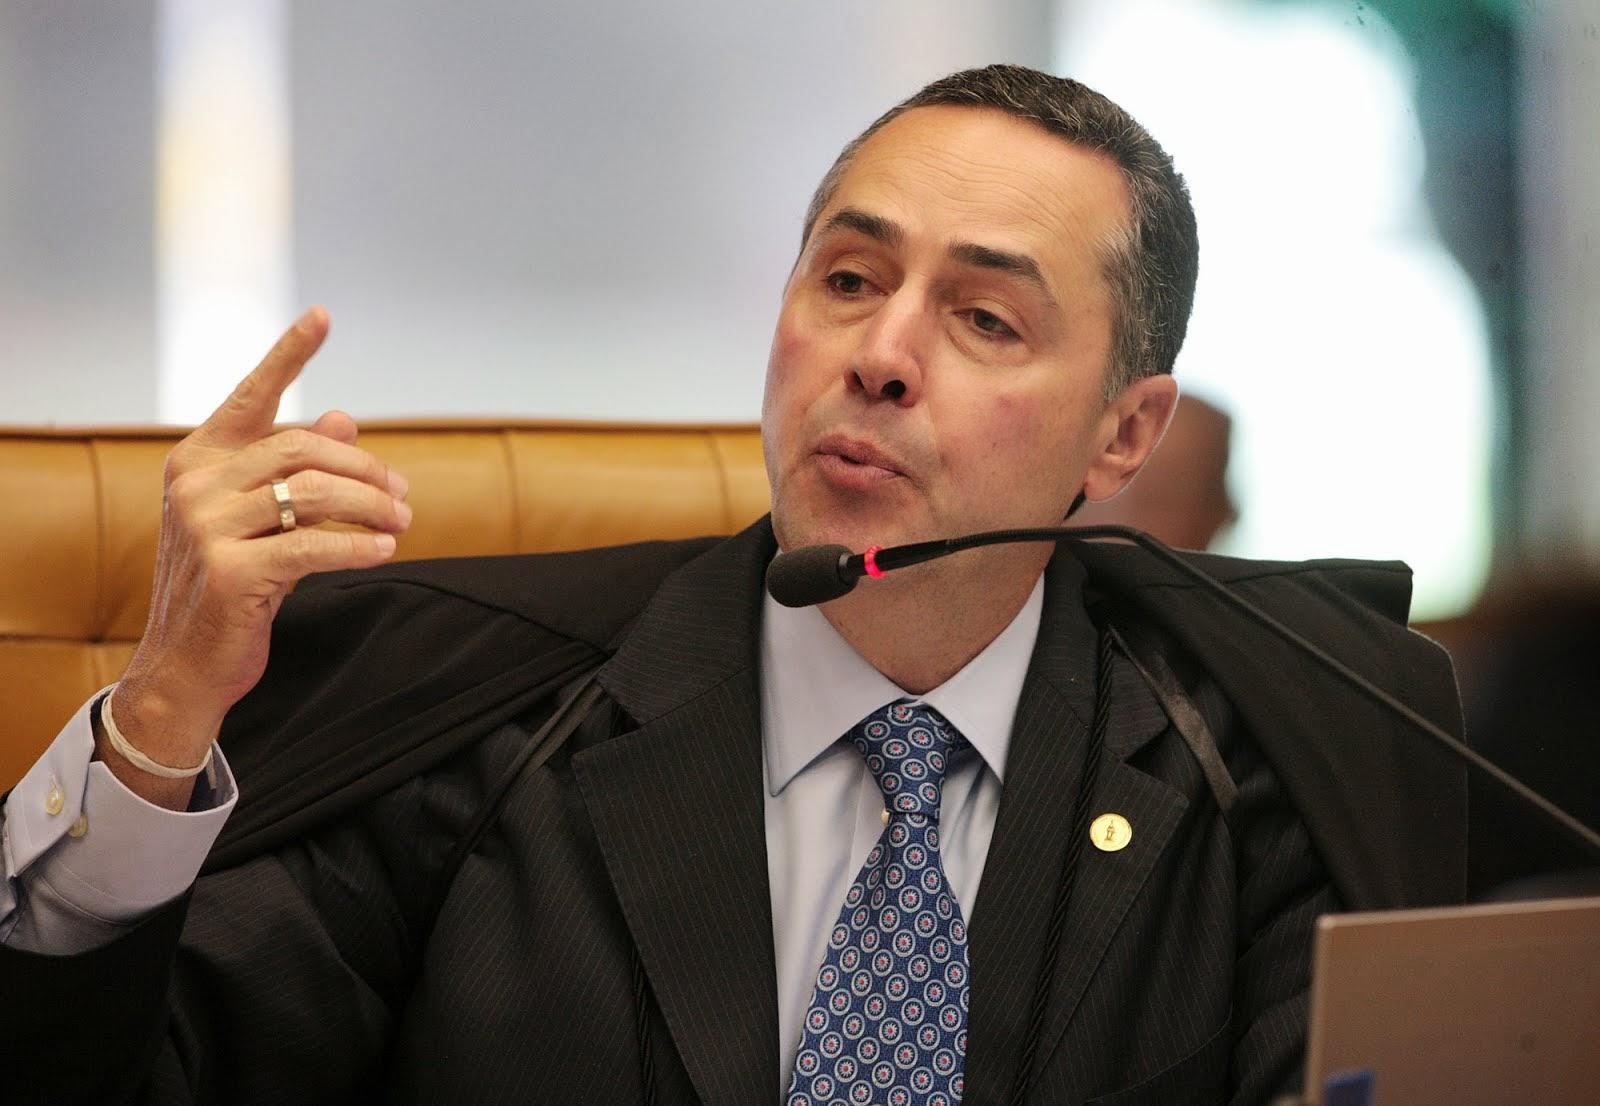 MINISTRO BARROSO DIZ QUE O BRASIL É VISTO NO MUNDO COMO PARAÍSO DOS CORRUPTOS.